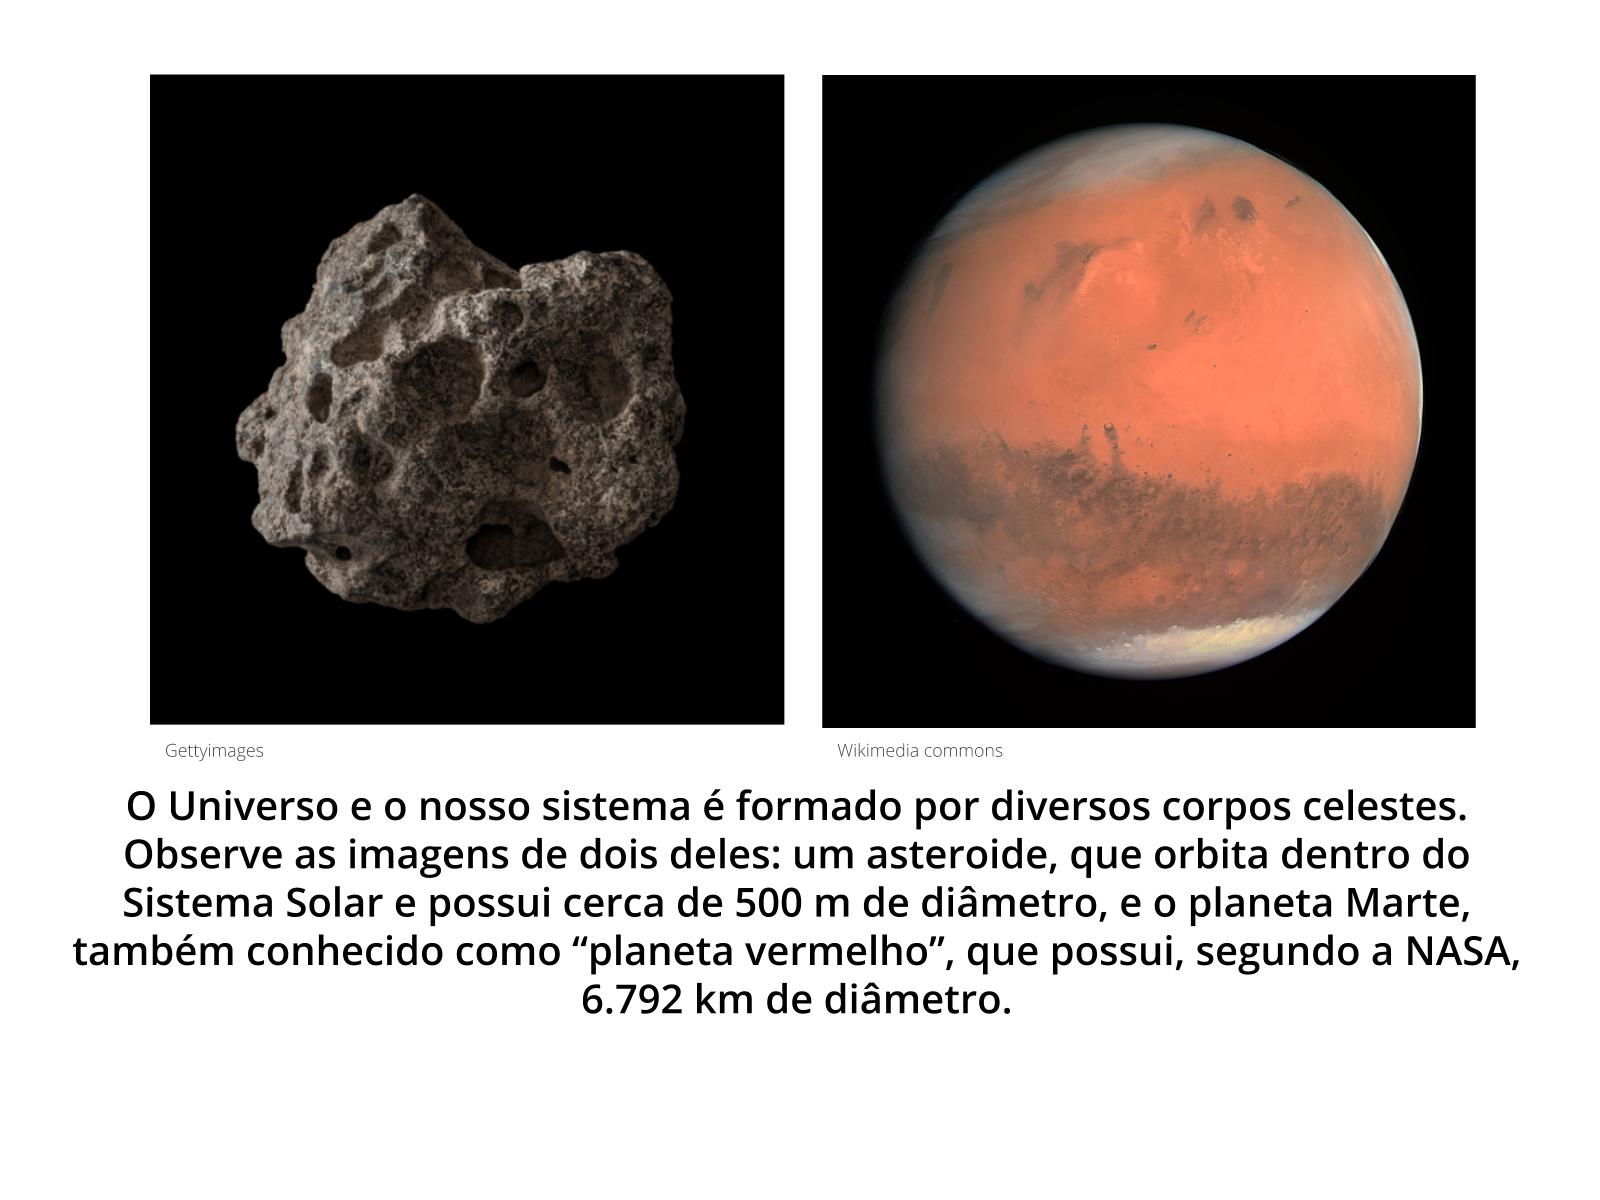 Satélites naturais e corpos celestes menores